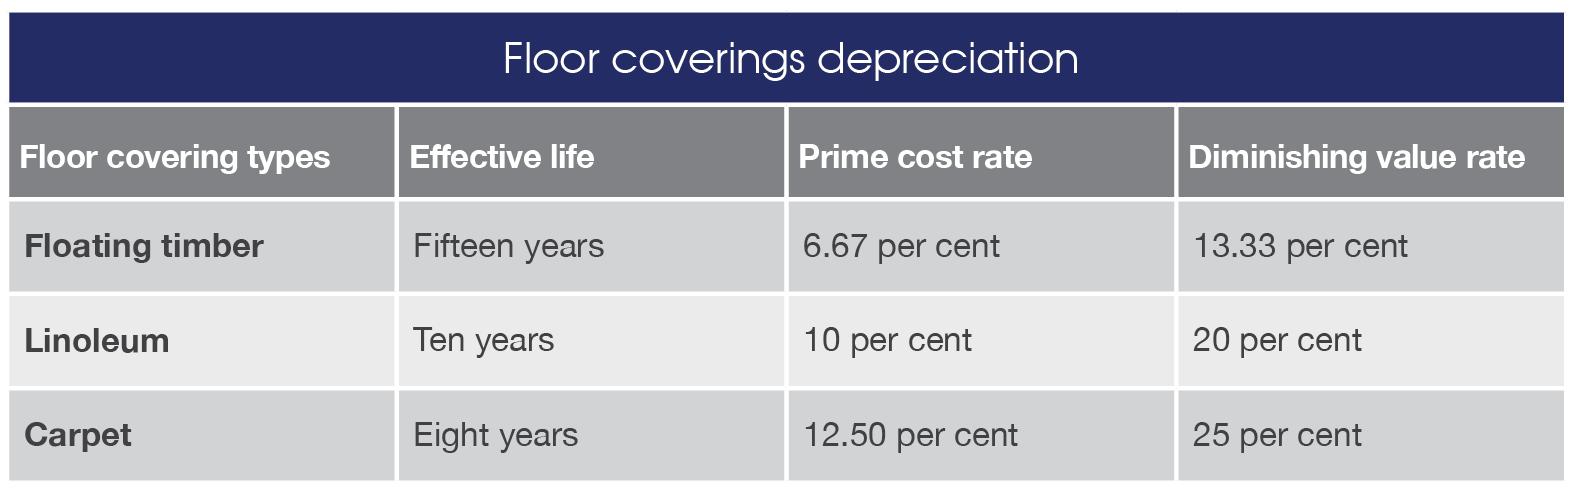 floor covering depreciation